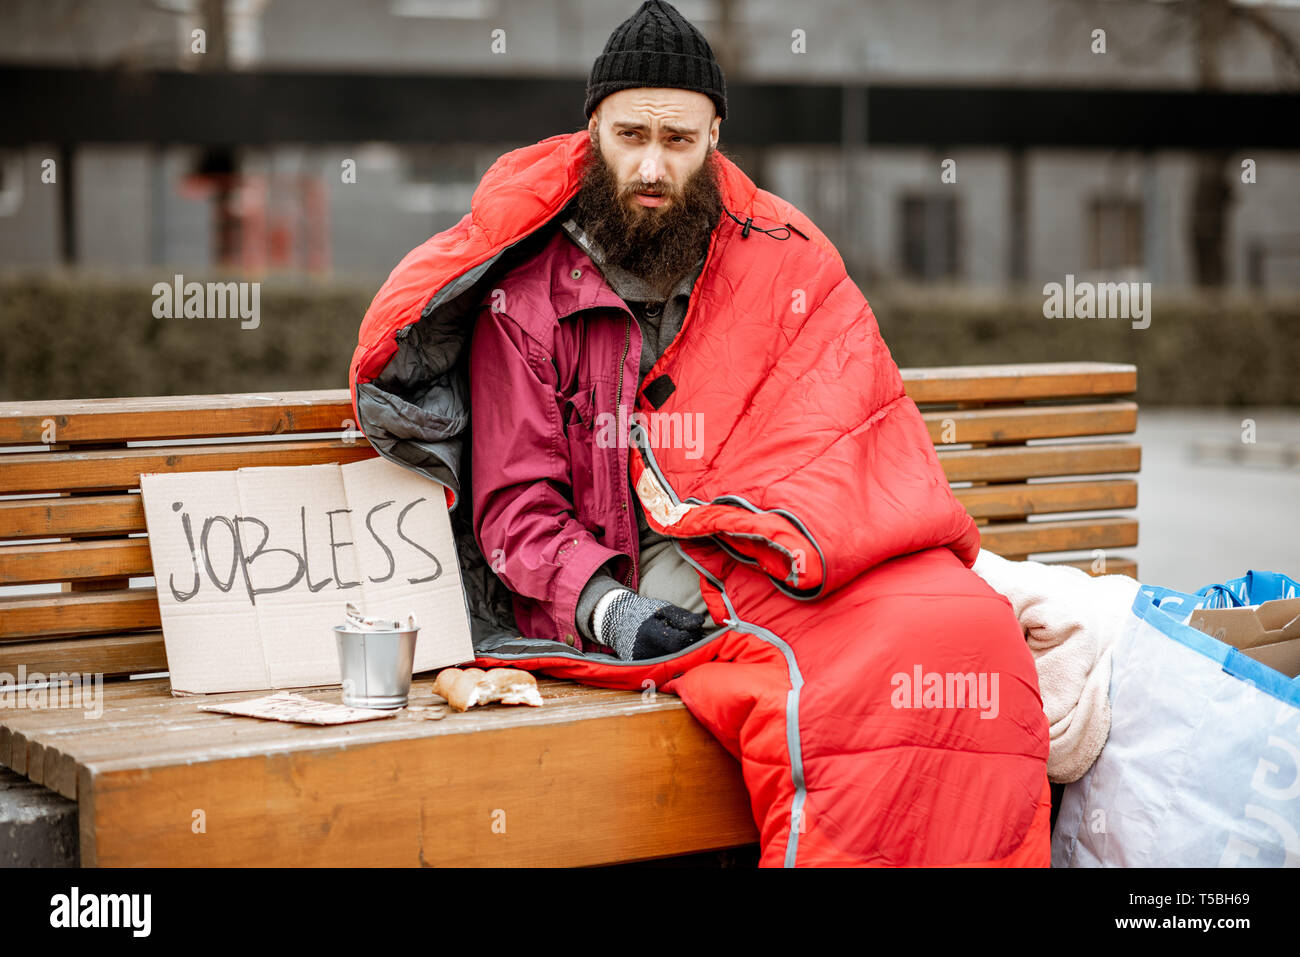 Senzatetto e disoccupati mendicante seduto sul banco avvolto con sacco a pelo di accattonaggio denaro vicino al centro business Immagini Stock